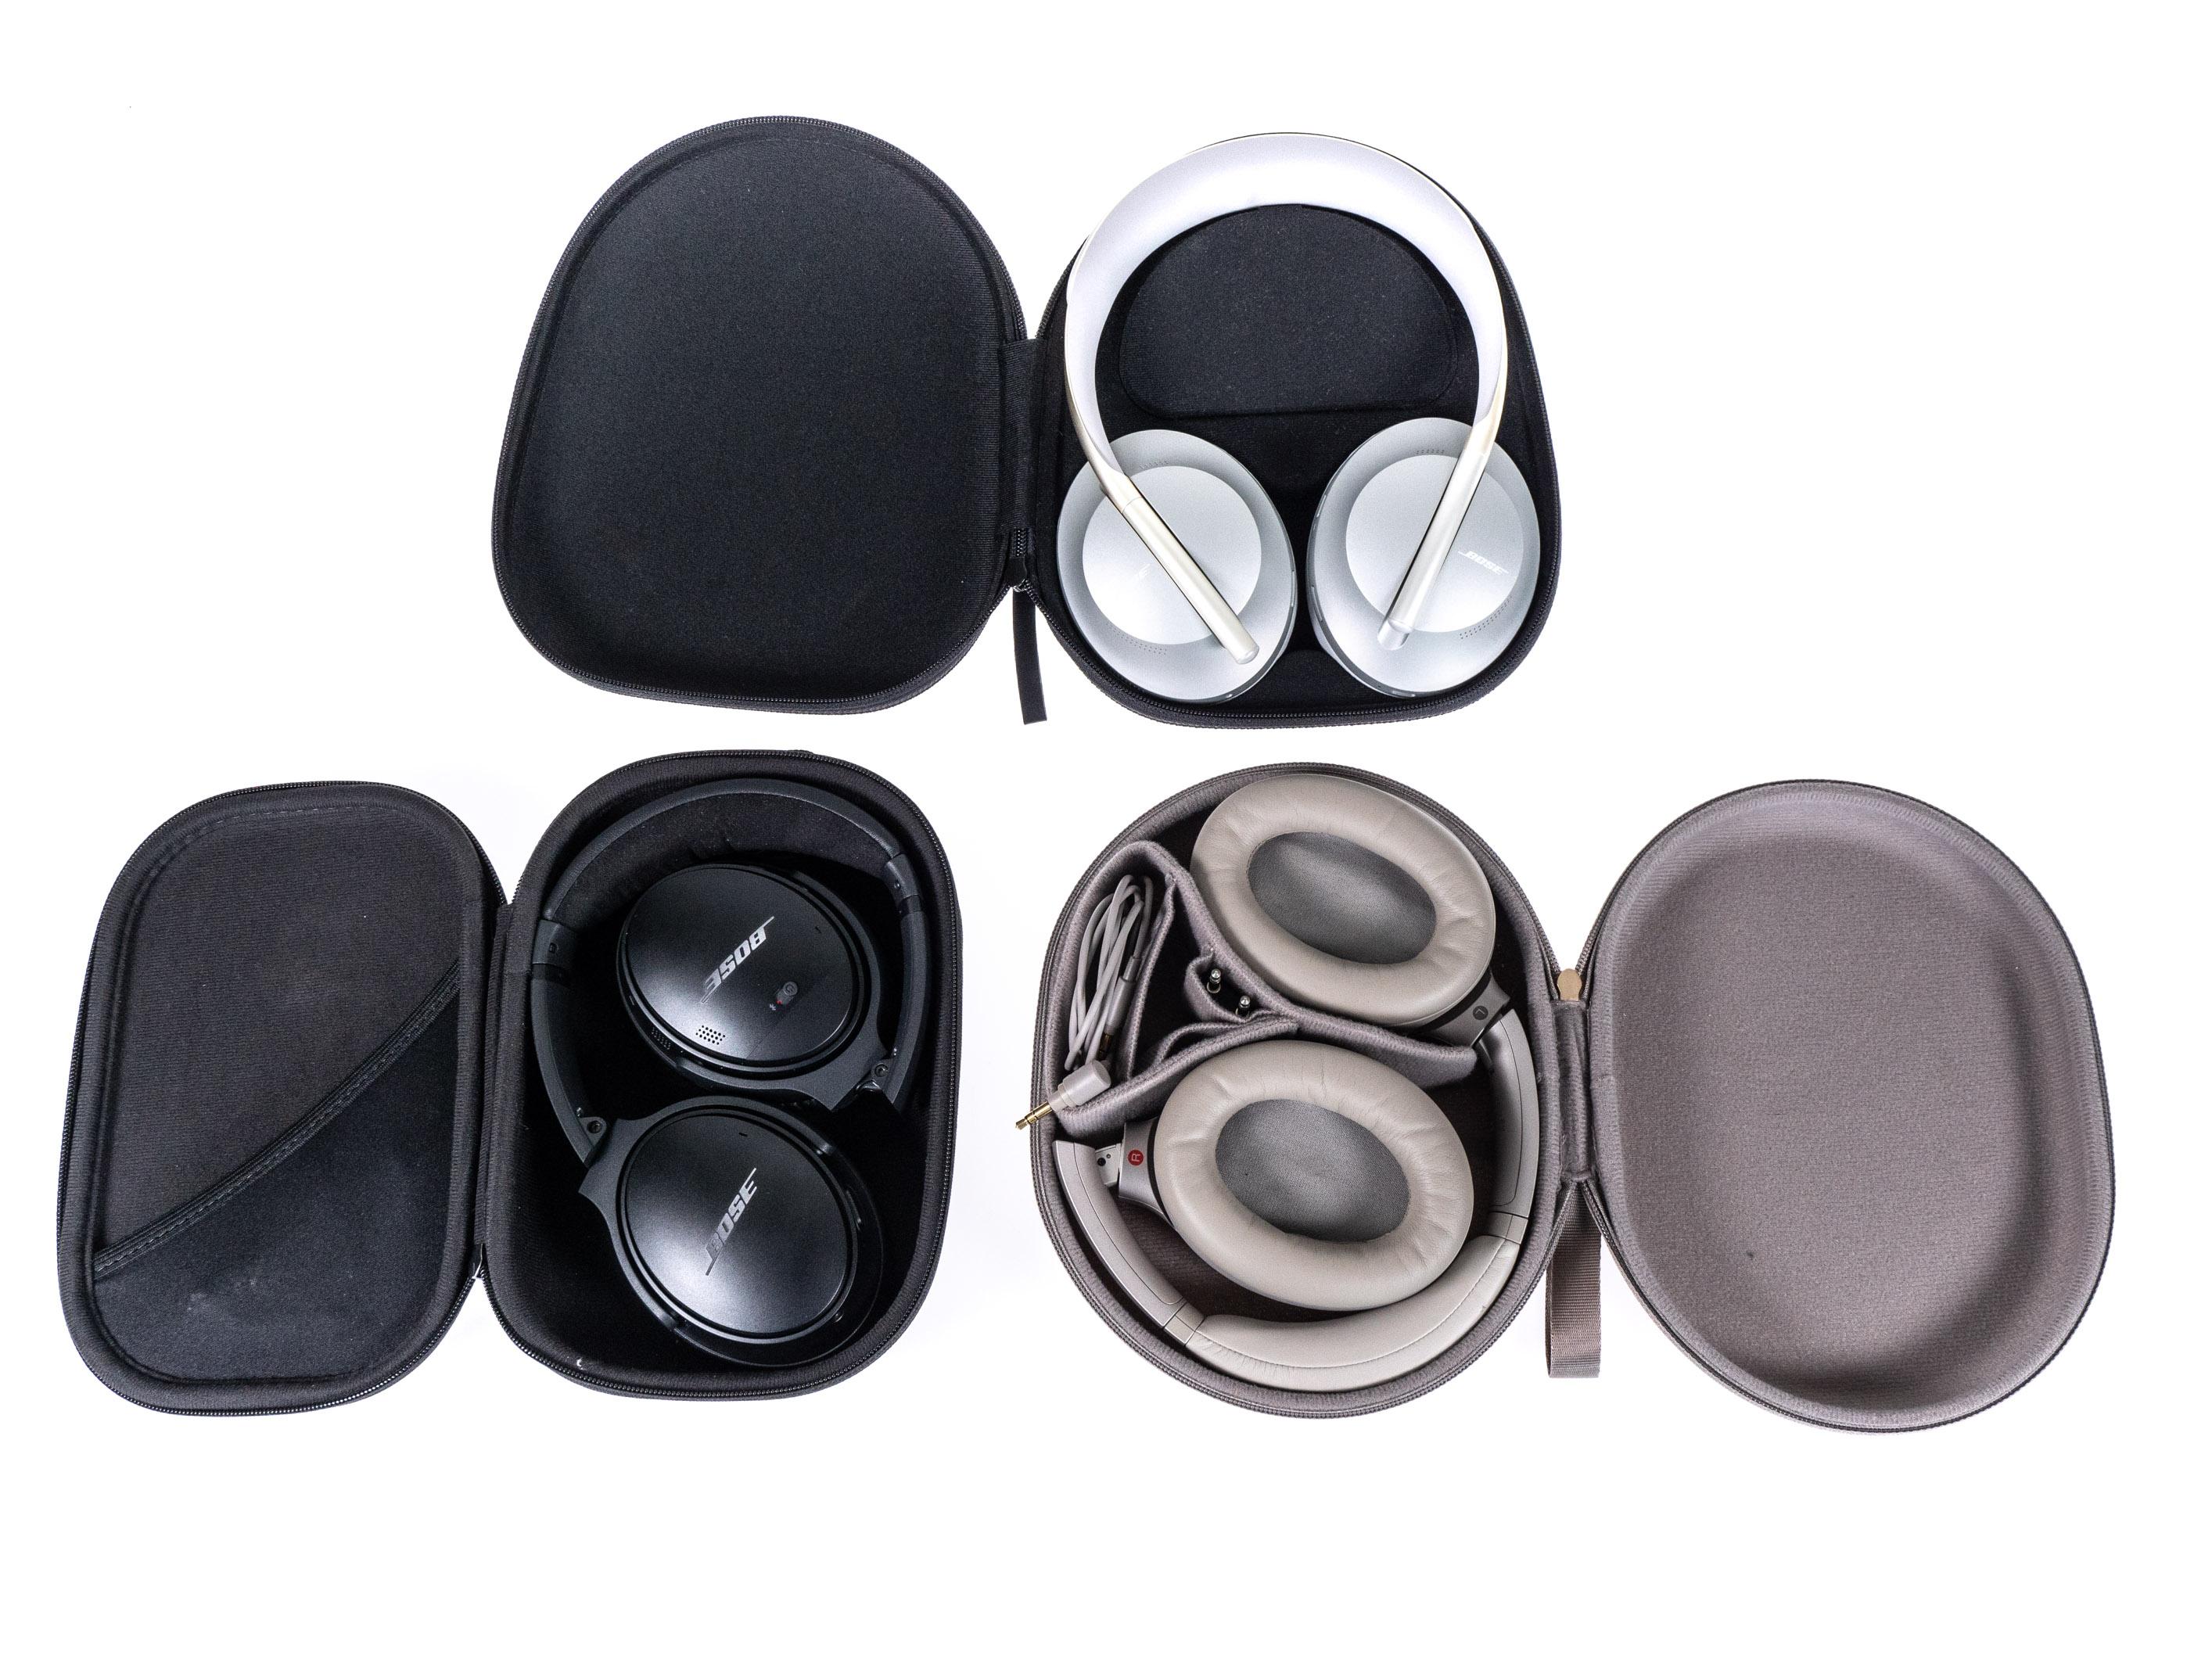 Noise Cancelling Headphones 700 im Test: Boses bester ANC-Kopfhörer sticht Sony vielfach aus - Oben Noise Cancelling Headphones 700, links unten Boses Quiet Comfort 35 II und rechts daneben Sonys WH-1000XM3 - jeweils in der Transporttasche (Bild: Martin Wolf/Golem.de)